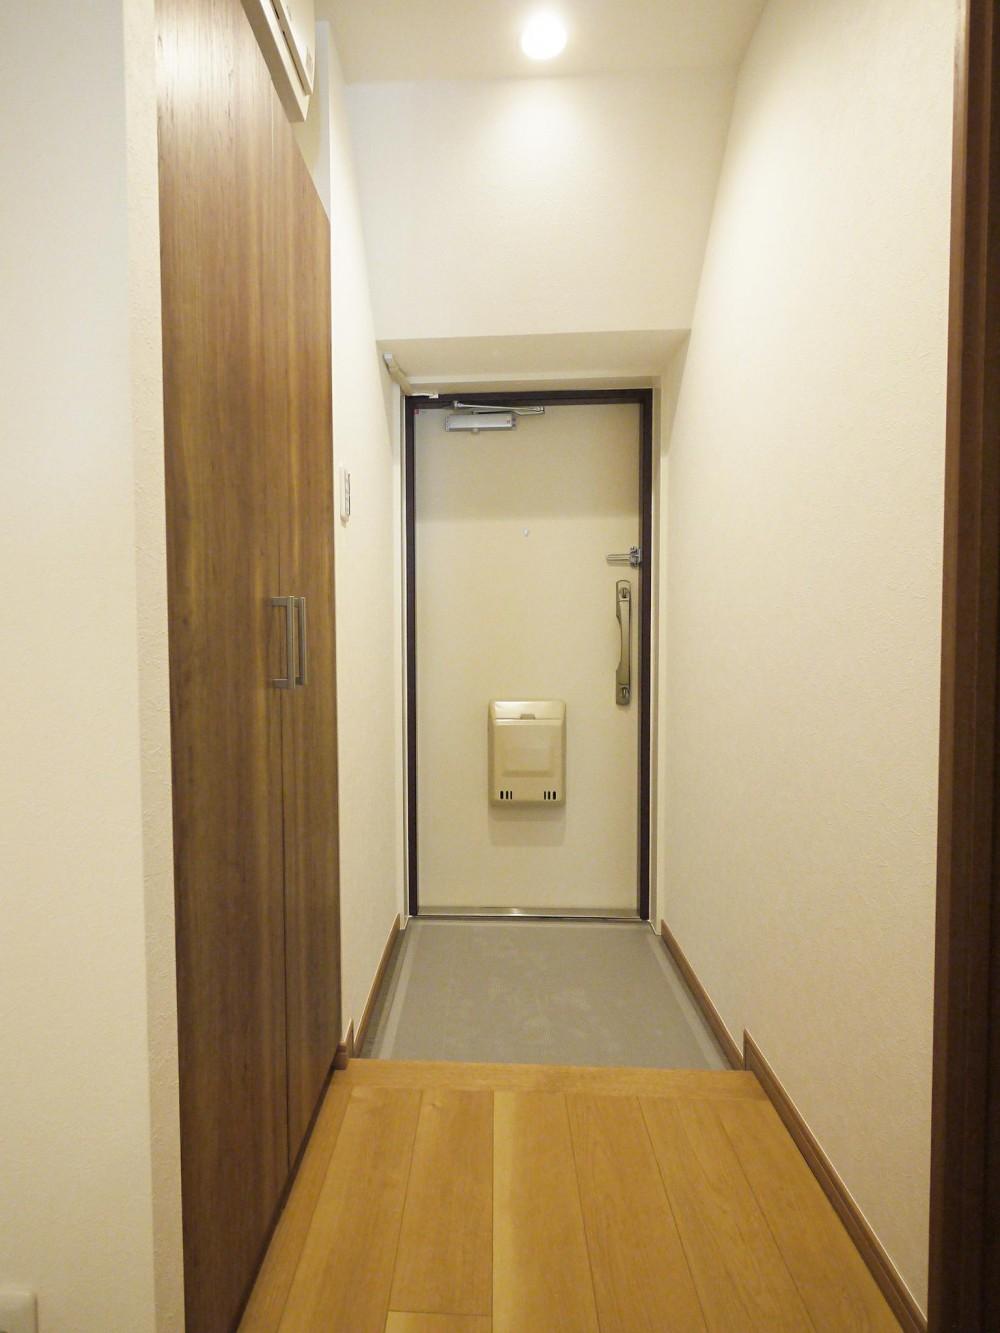 最新1LDKにフルモデルチェンジ (玄関・廊下)